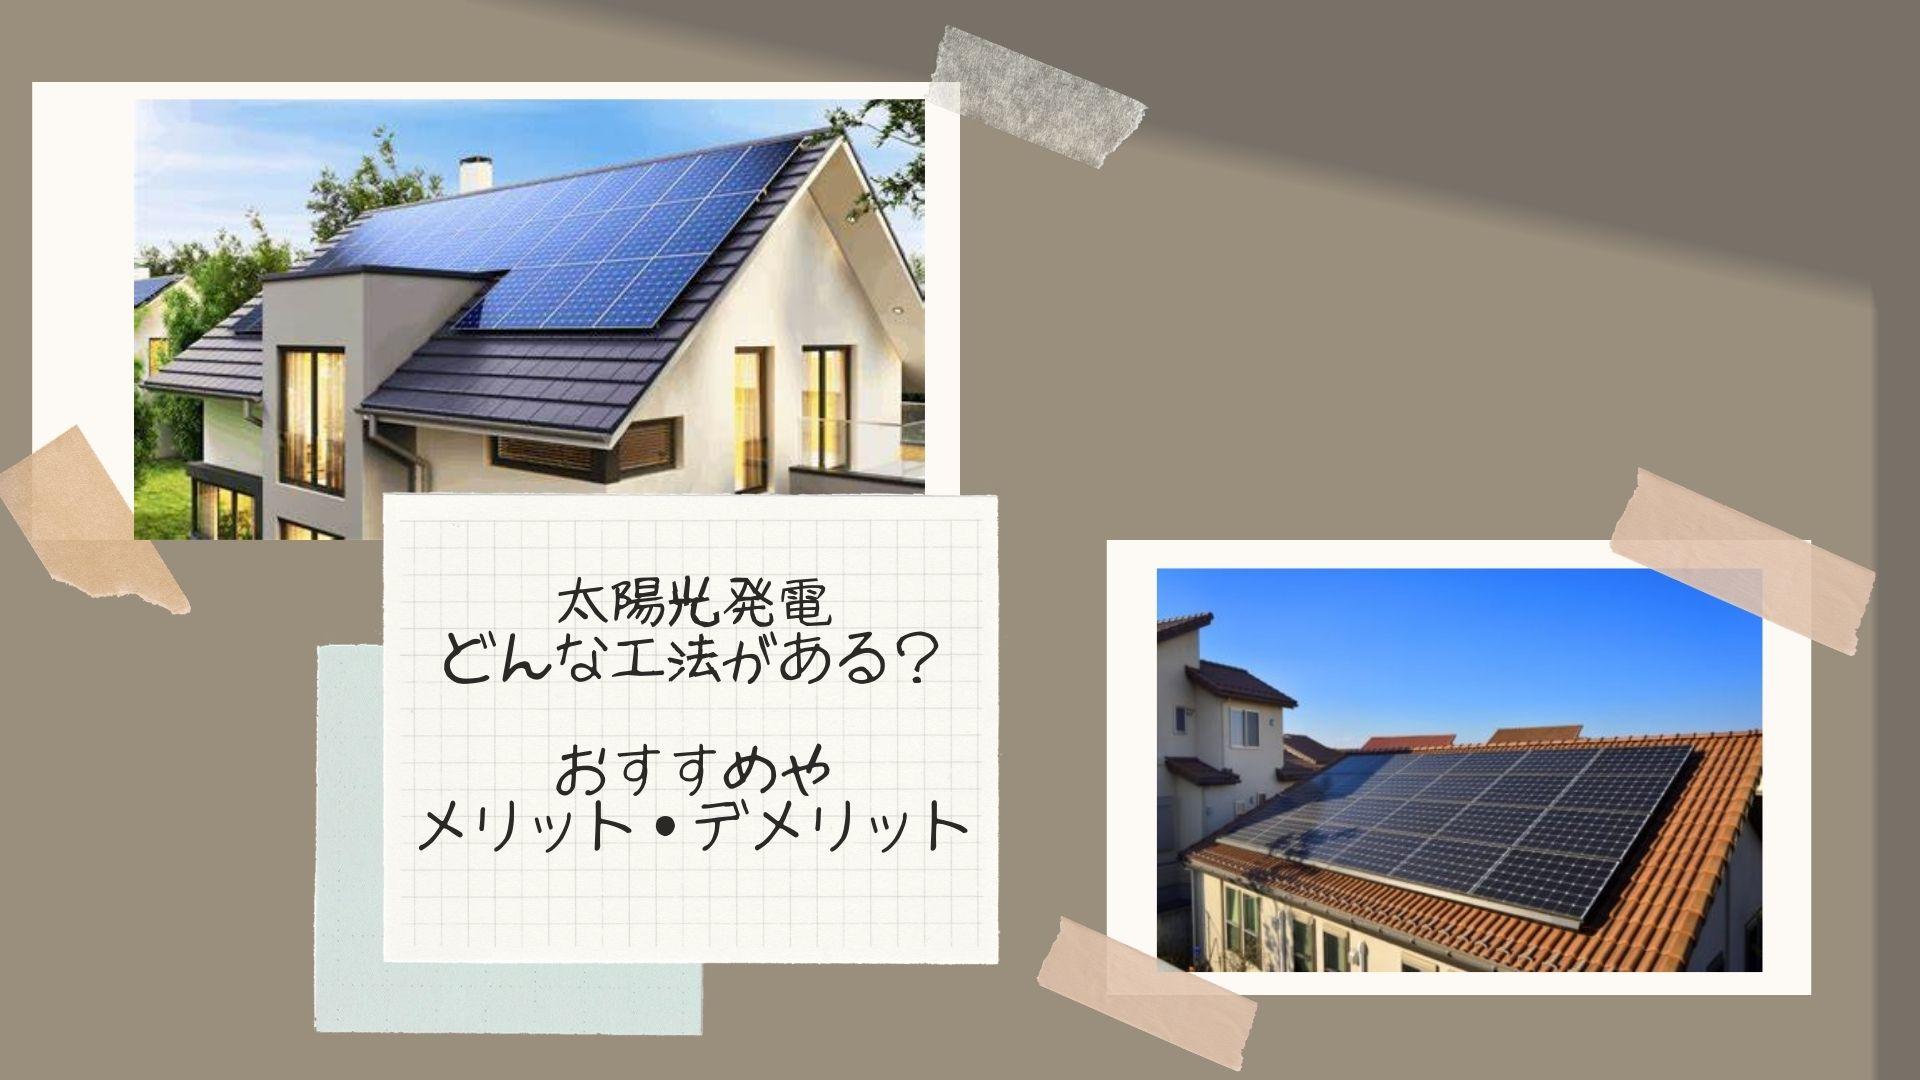 牛久市で 太陽光発電の工法ご相談